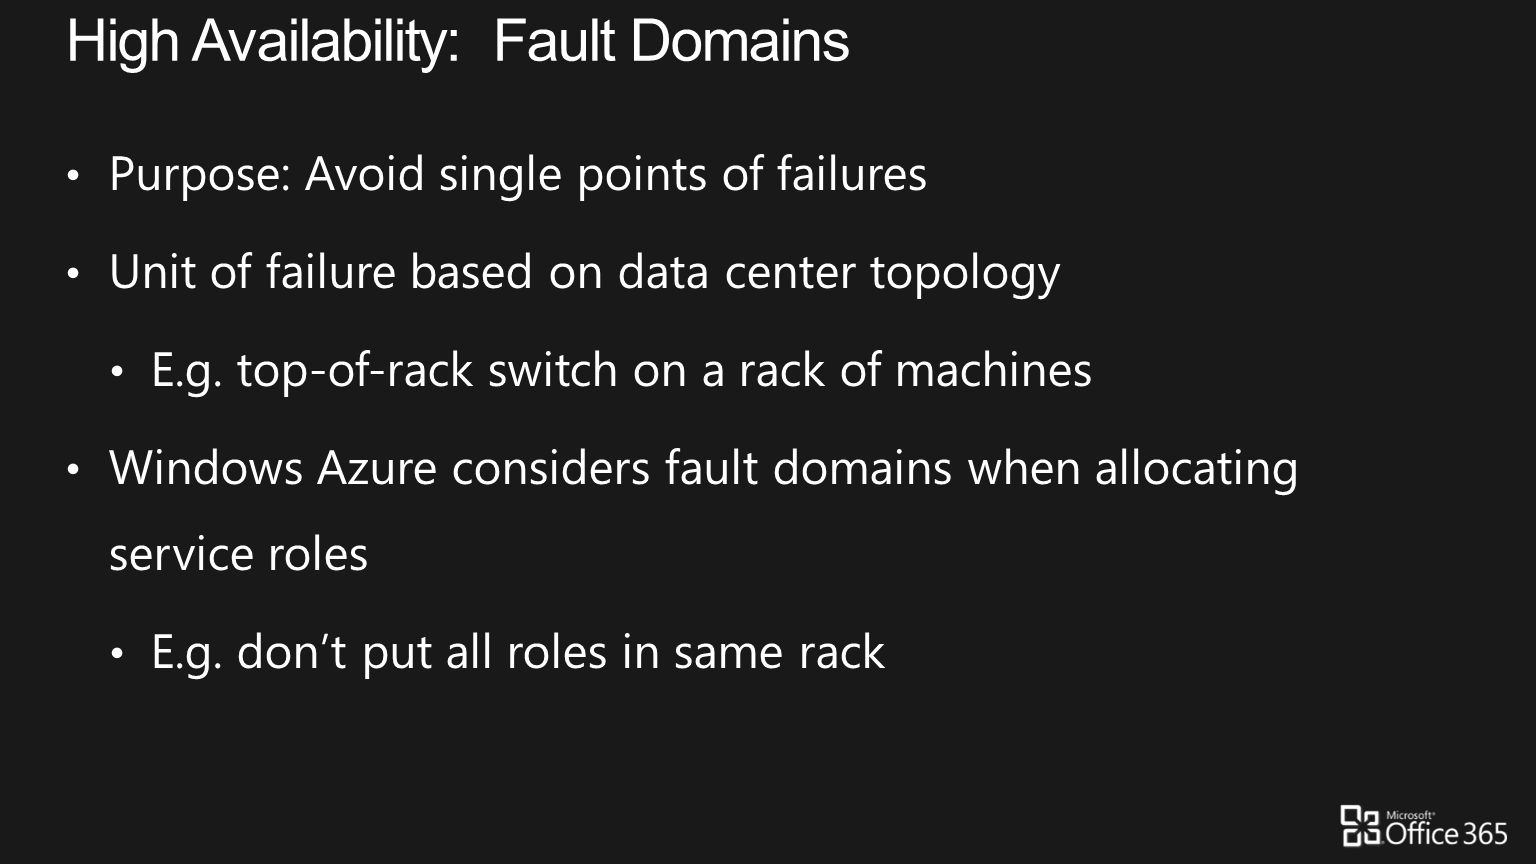 High Availability: Fault Domains